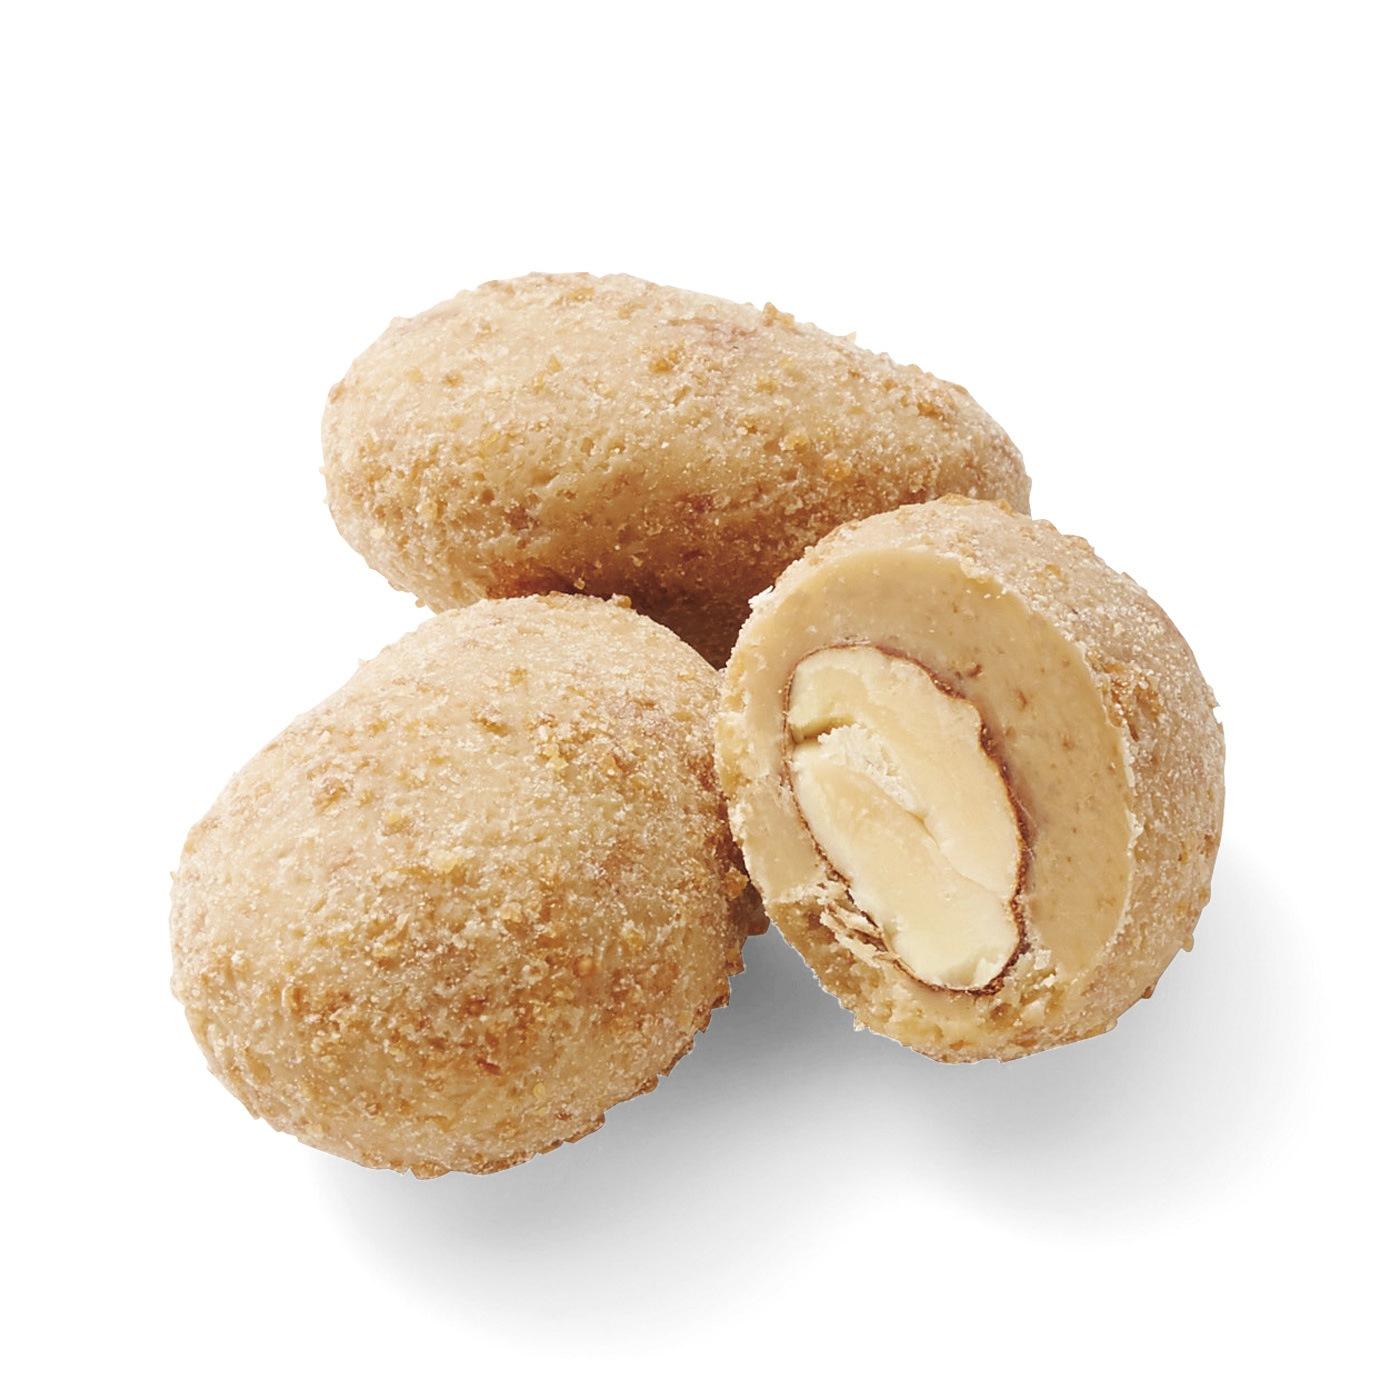 1 アーモンドブロンド: 薄く長いシチリア産アーモンドを、クリスピーなウェハーと混ぜ合わせたブロンドチョコレートでコート。